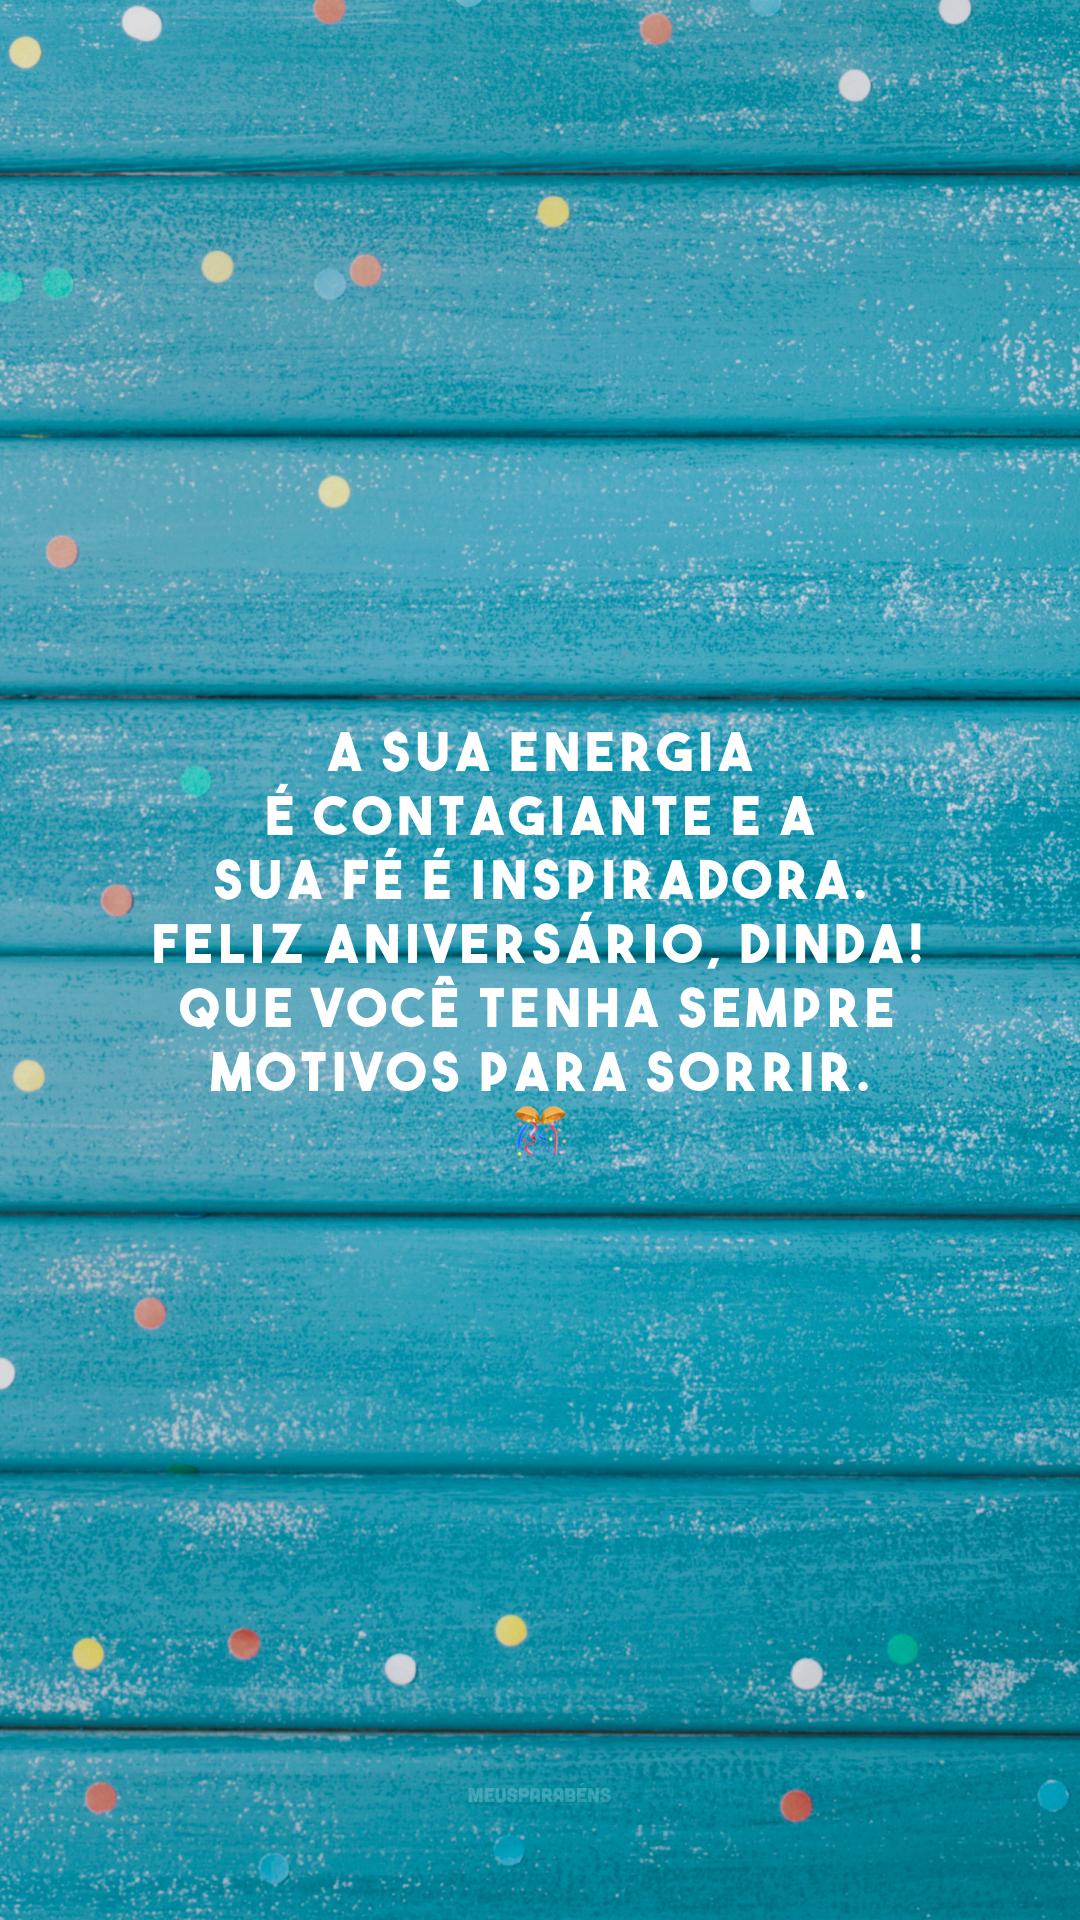 A sua energia é contagiante e a sua fé é inspiradora. Feliz aniversário, dinda! Que você tenha sempre motivos para sorrir. 🎊